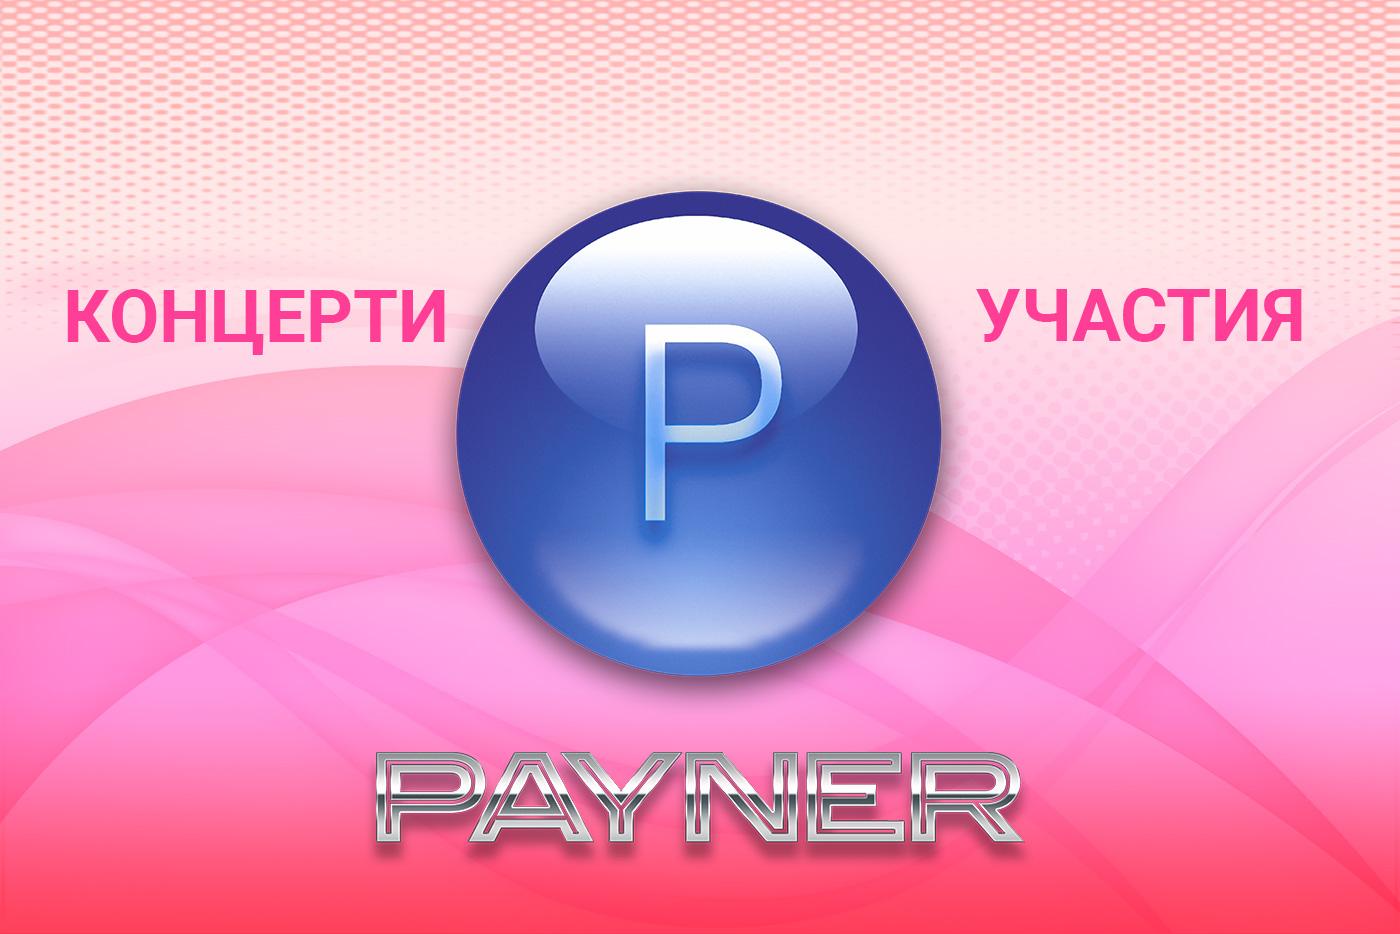 """Участия на звездите на """"Пайнер"""" на 25.06.2019"""